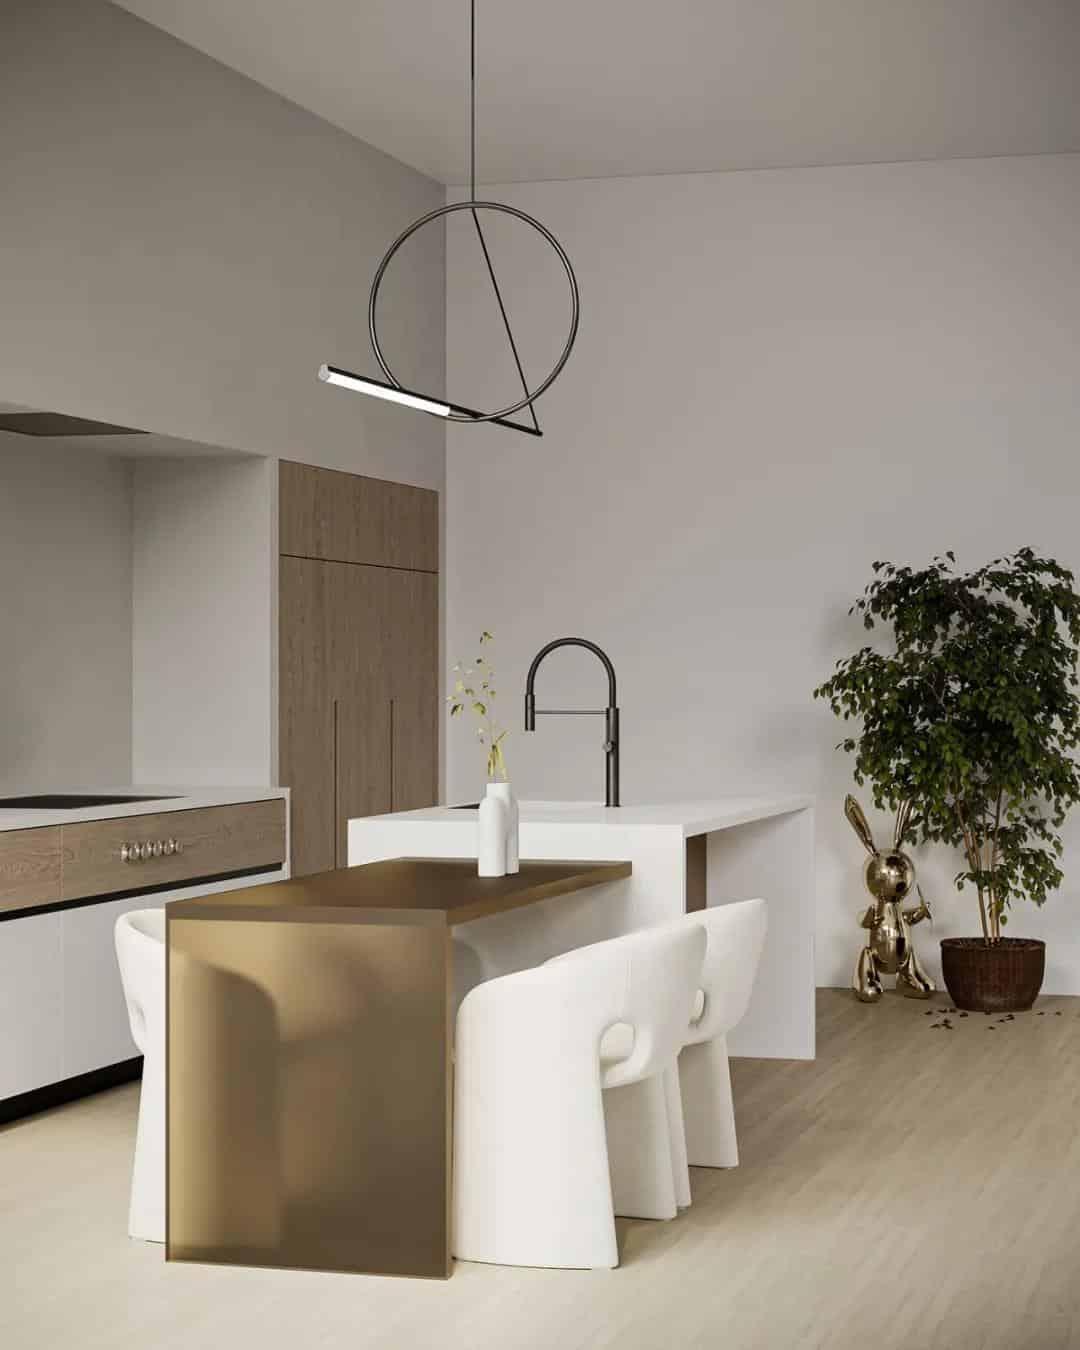 寧靜與溫馨的灰白素淨空間室內設計